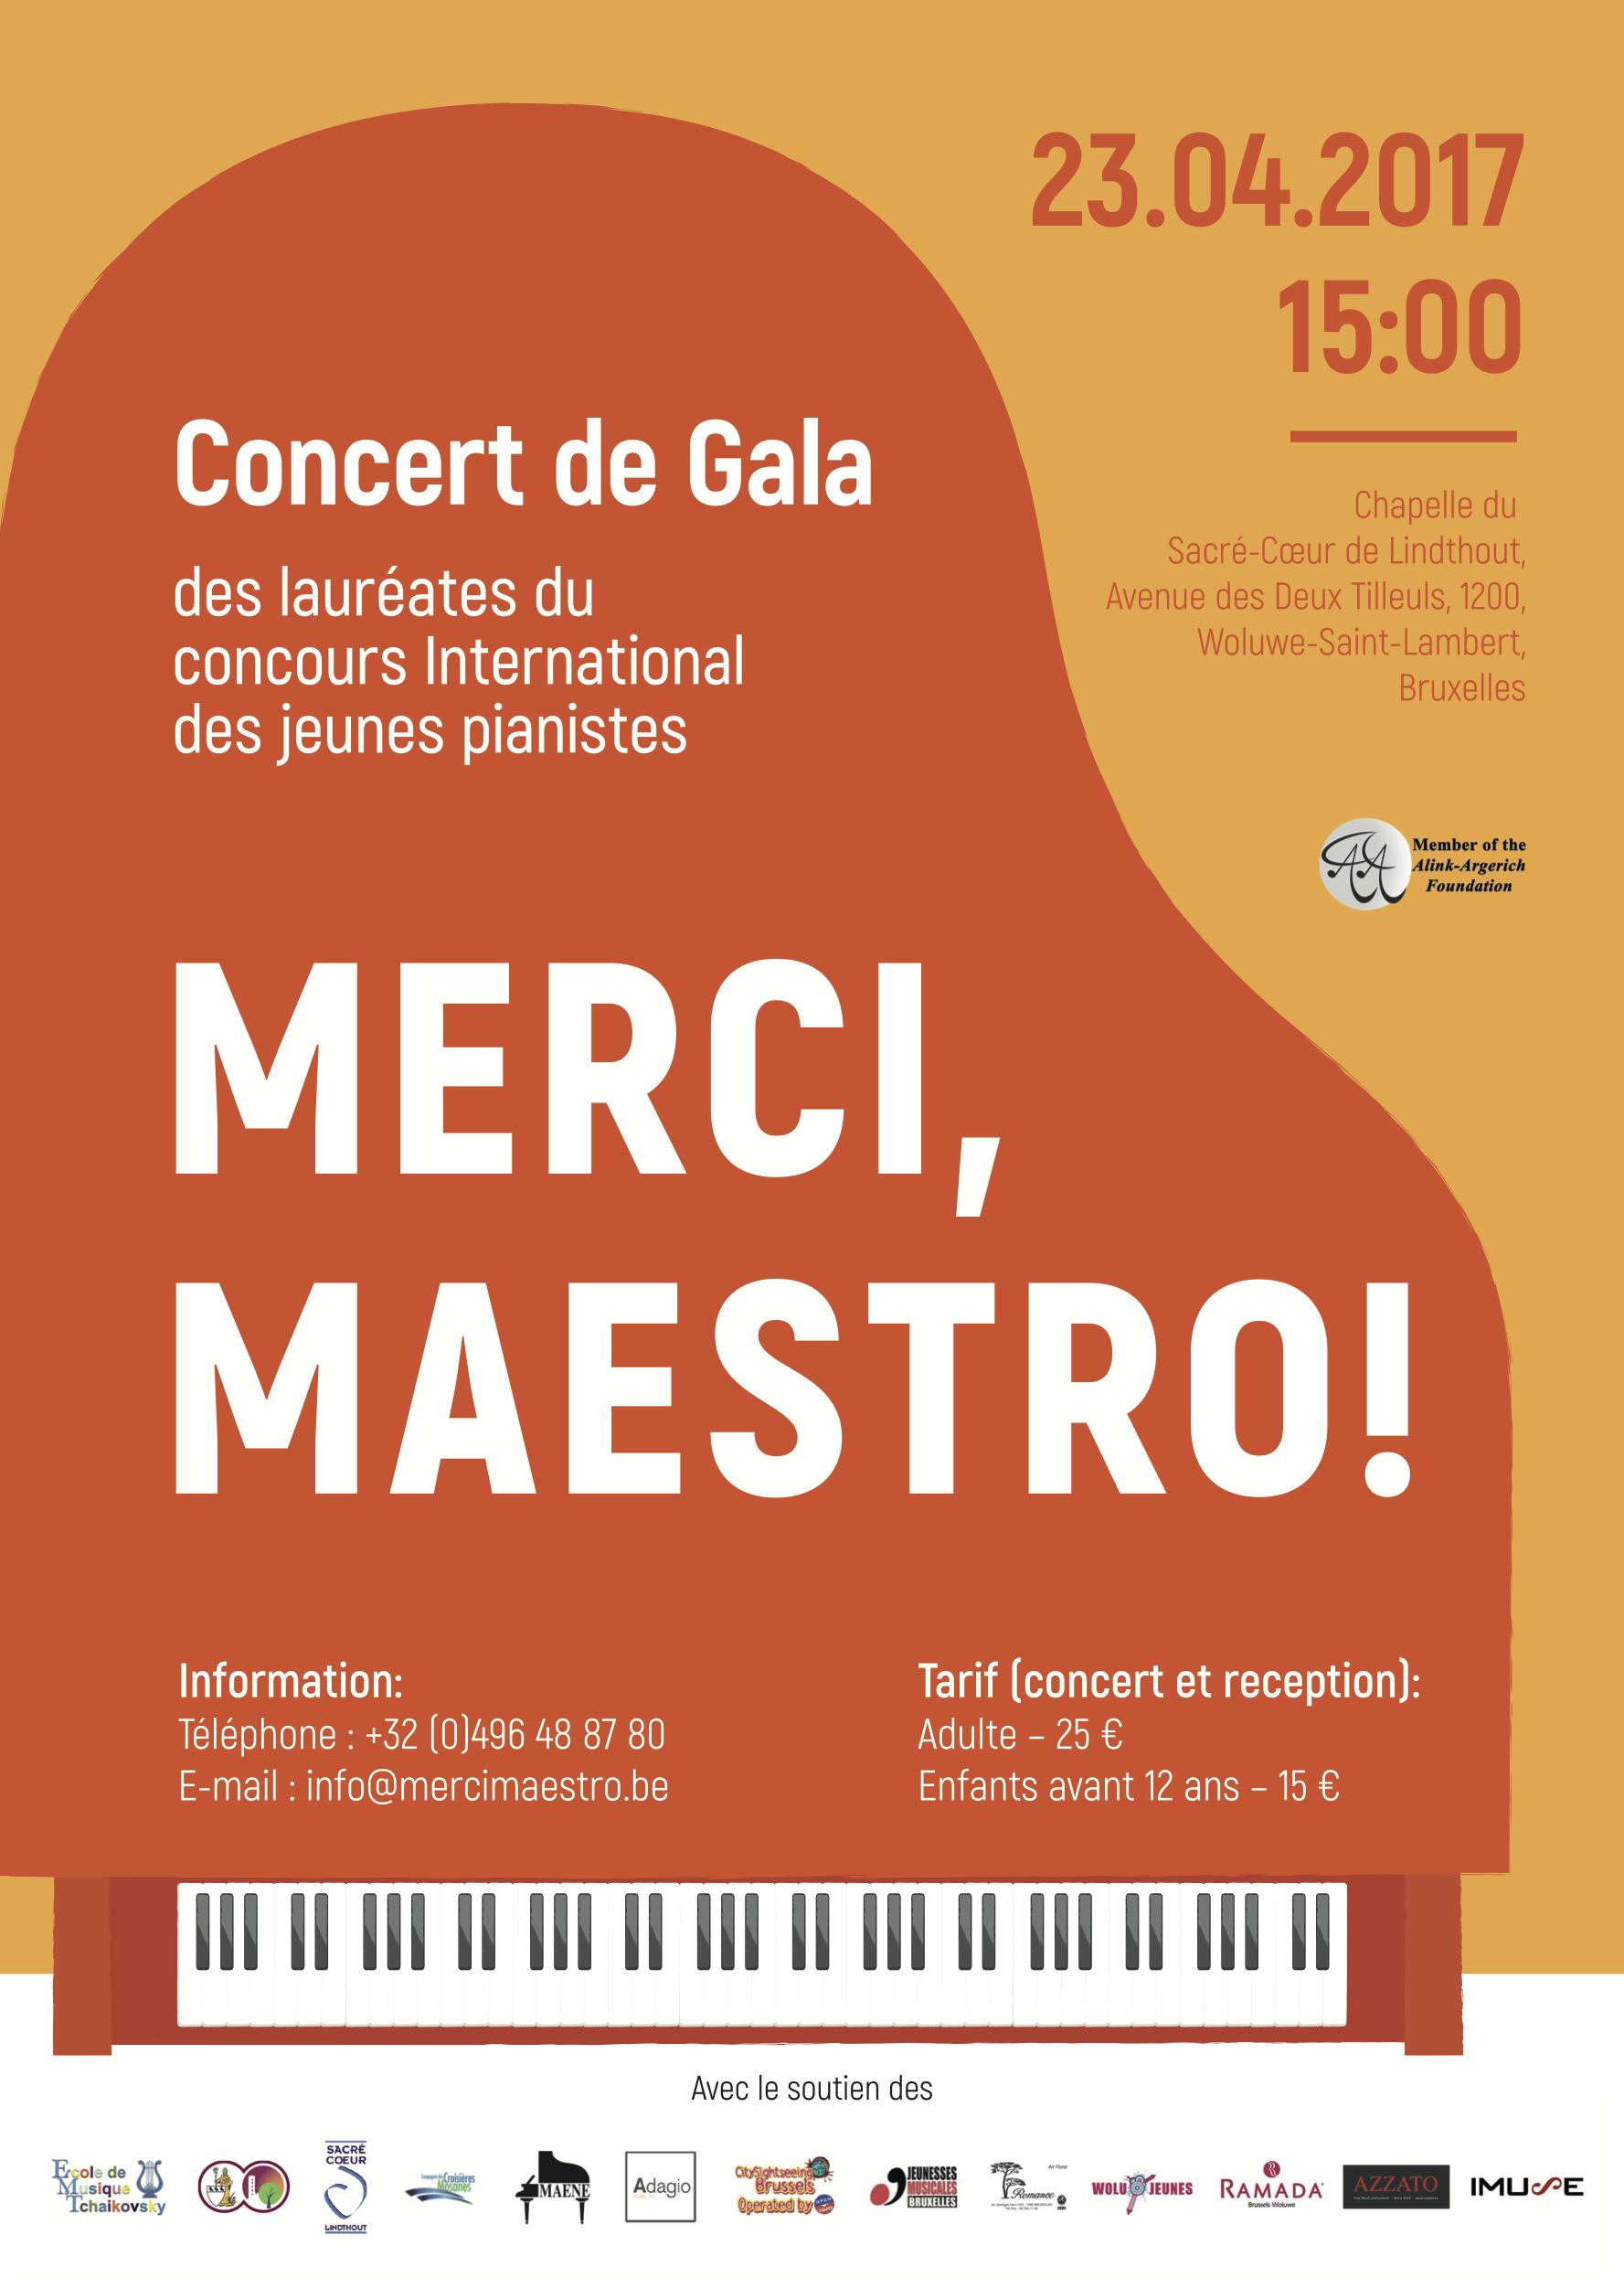 MM_Concert-de-Gala_2017_2 - small